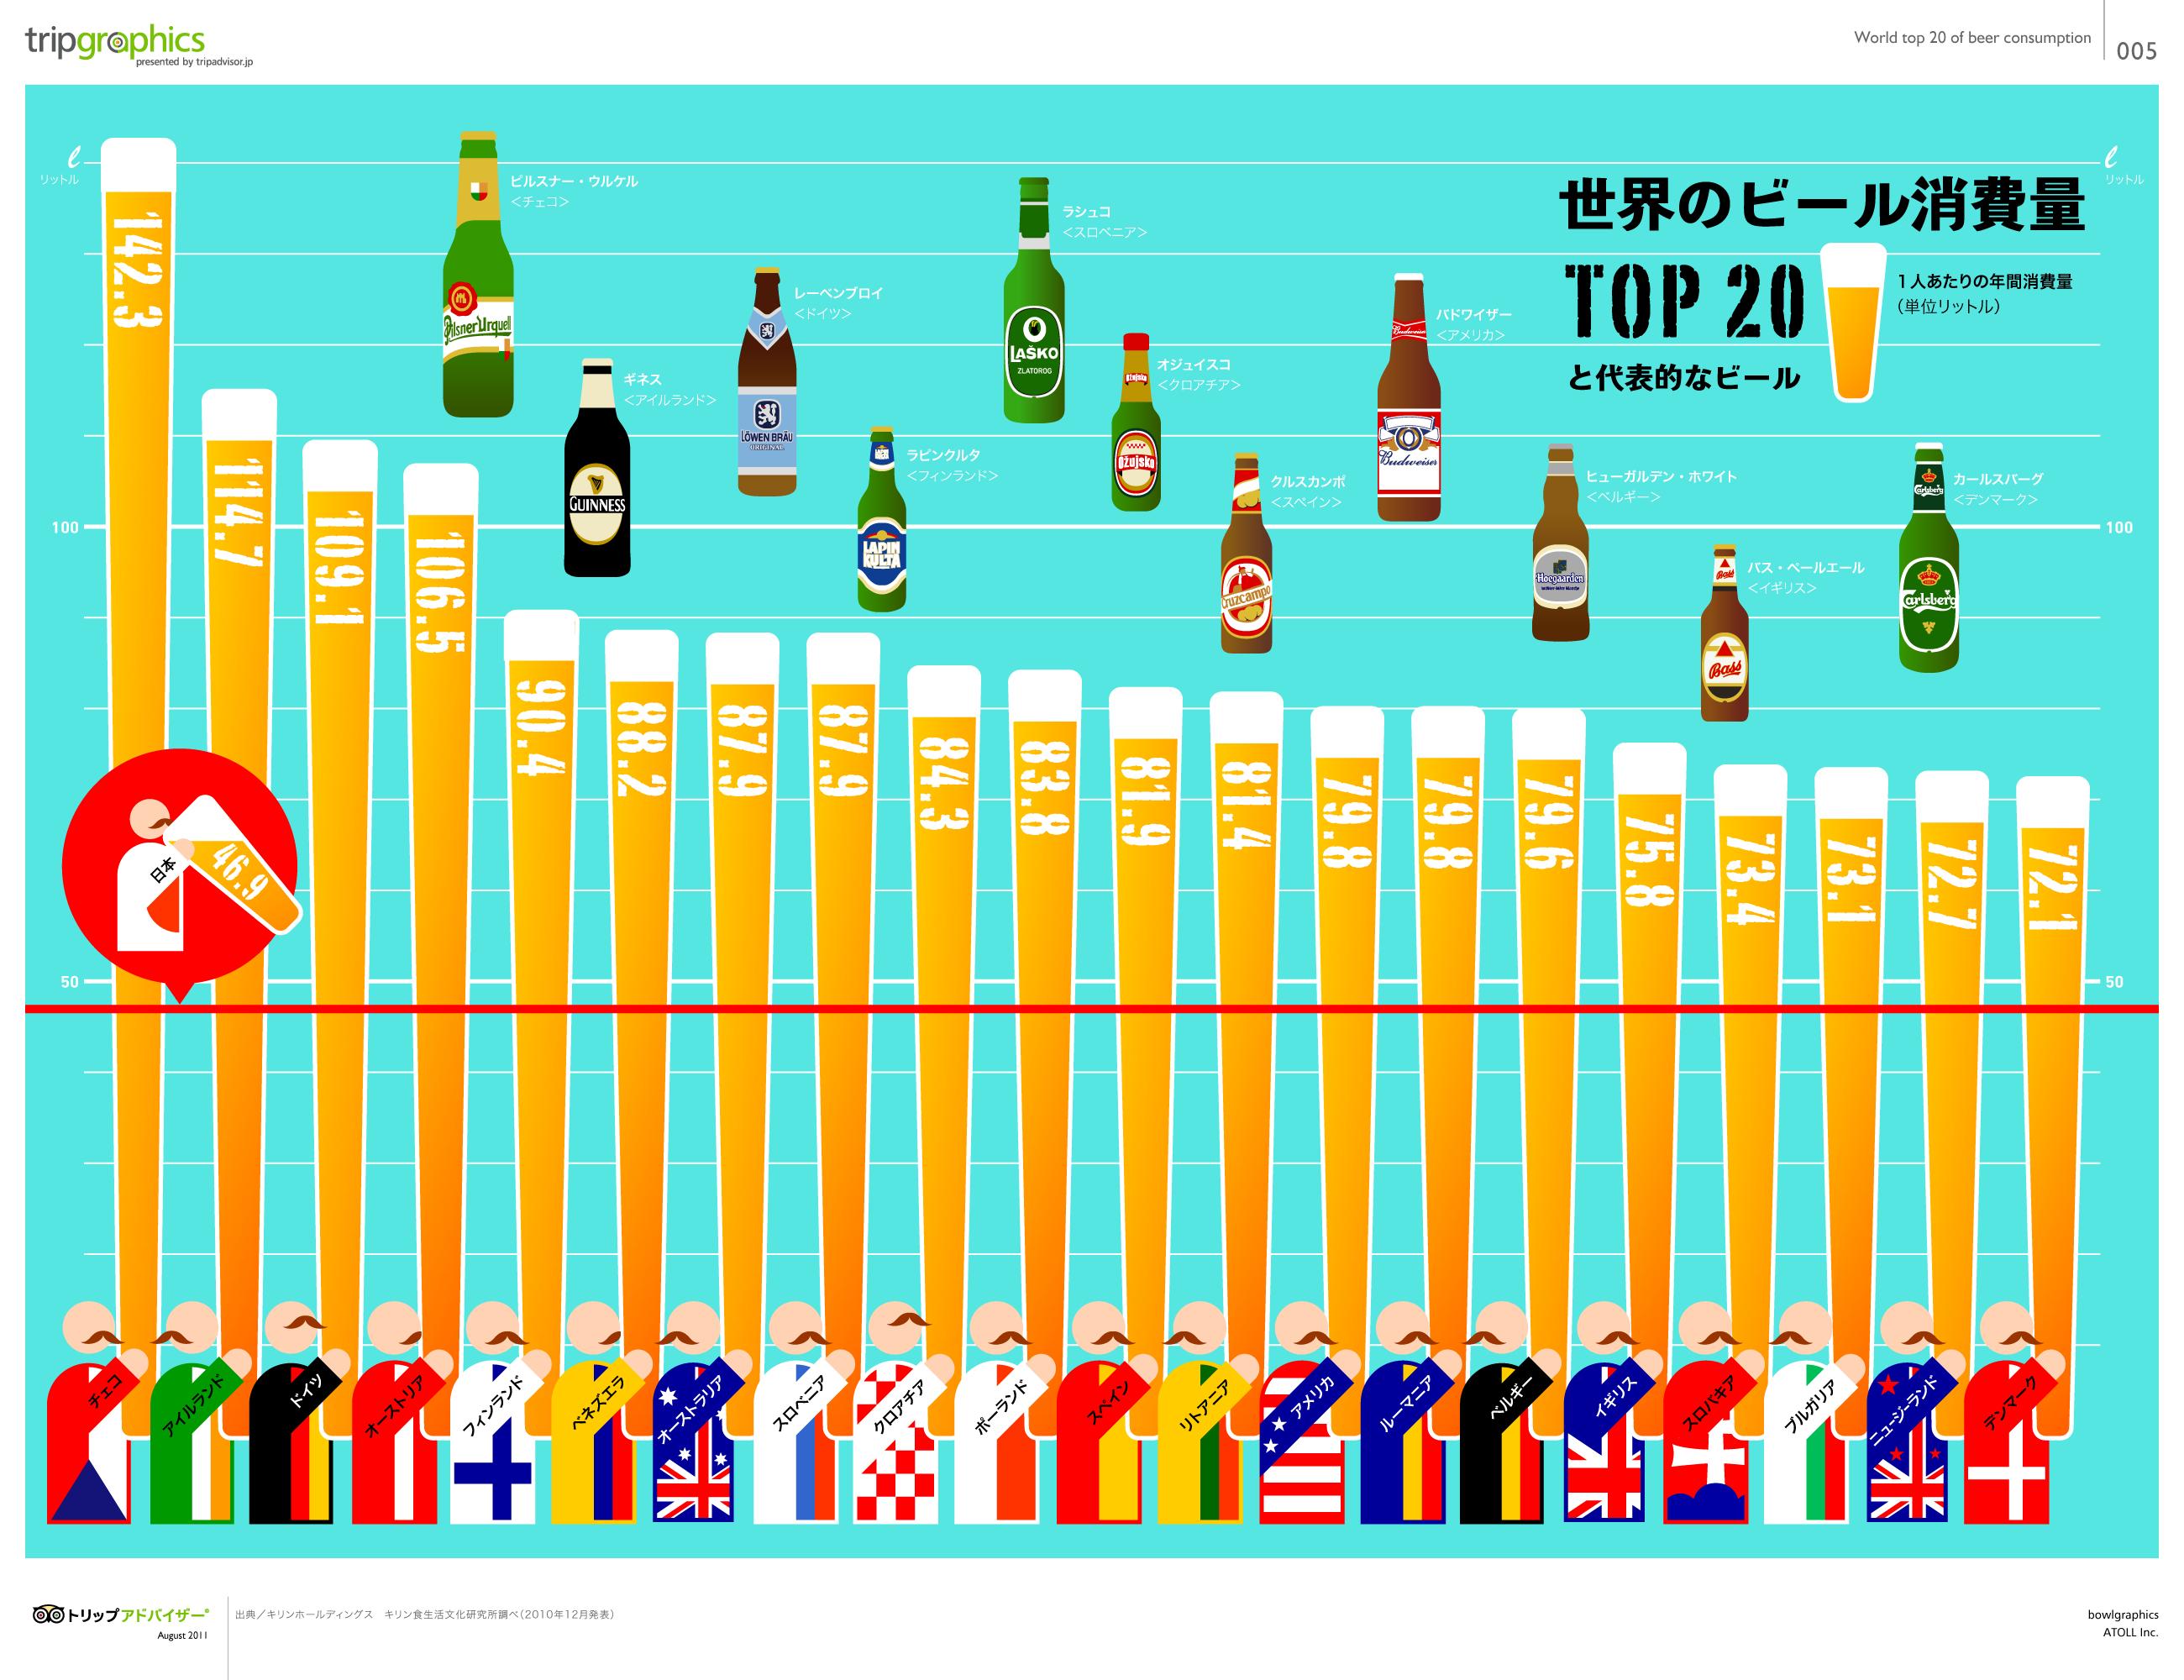 世界のビール消費量TOP20と代表的なビール